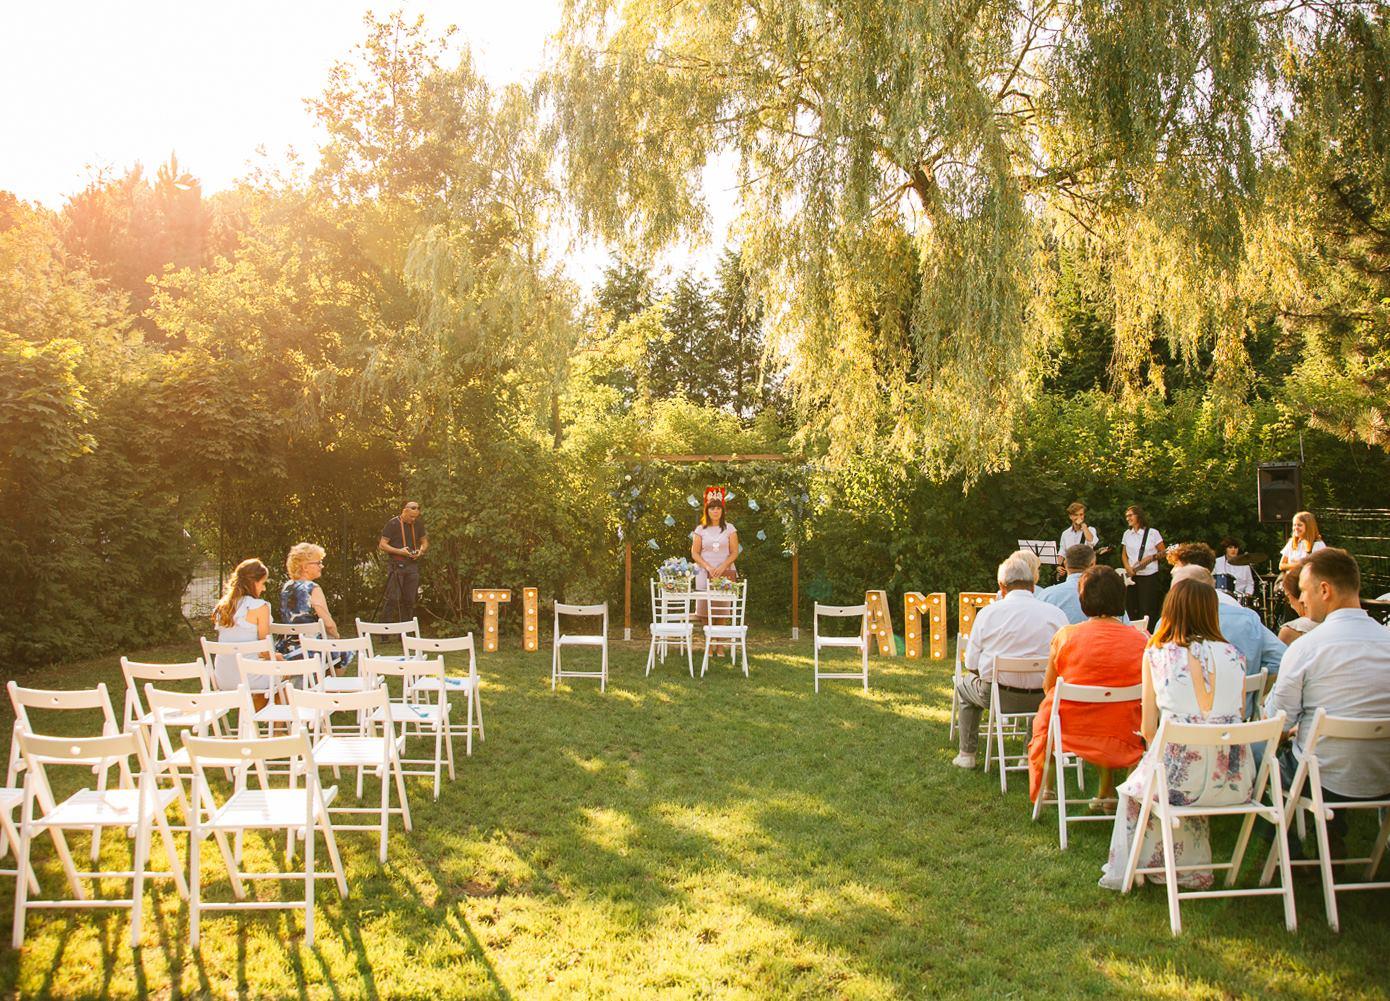 piekne miejsca na slub plenerowy w ogrodzie - Piękne miejsca na ślub plenerowy w Wielkopolsce